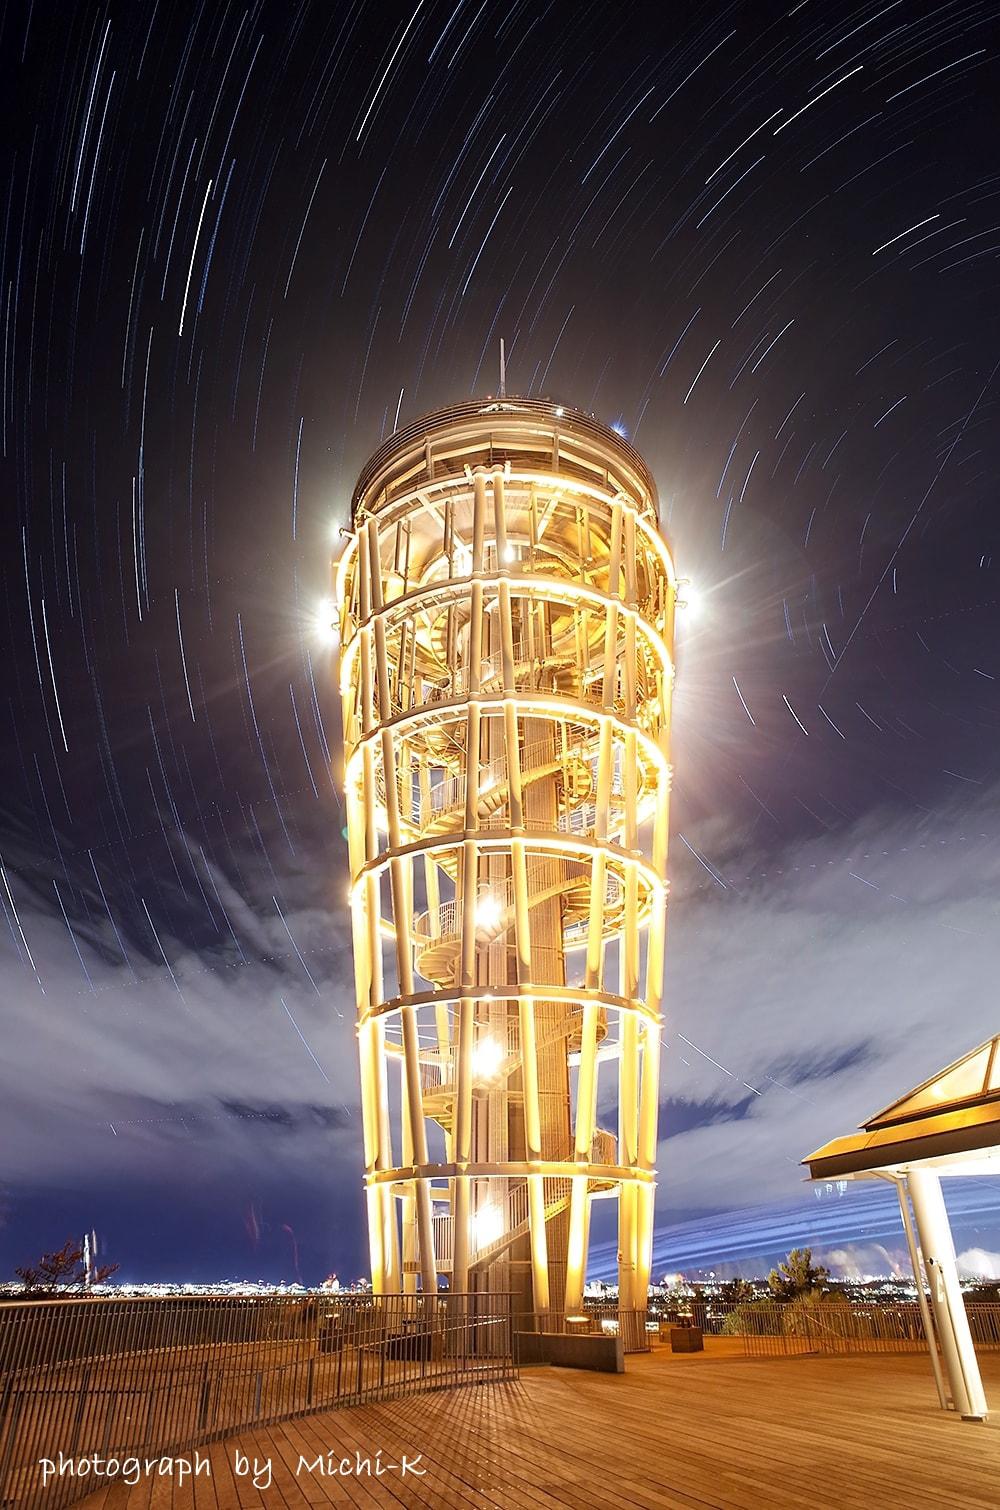 シーキャンドル(展望灯台)と星の光跡